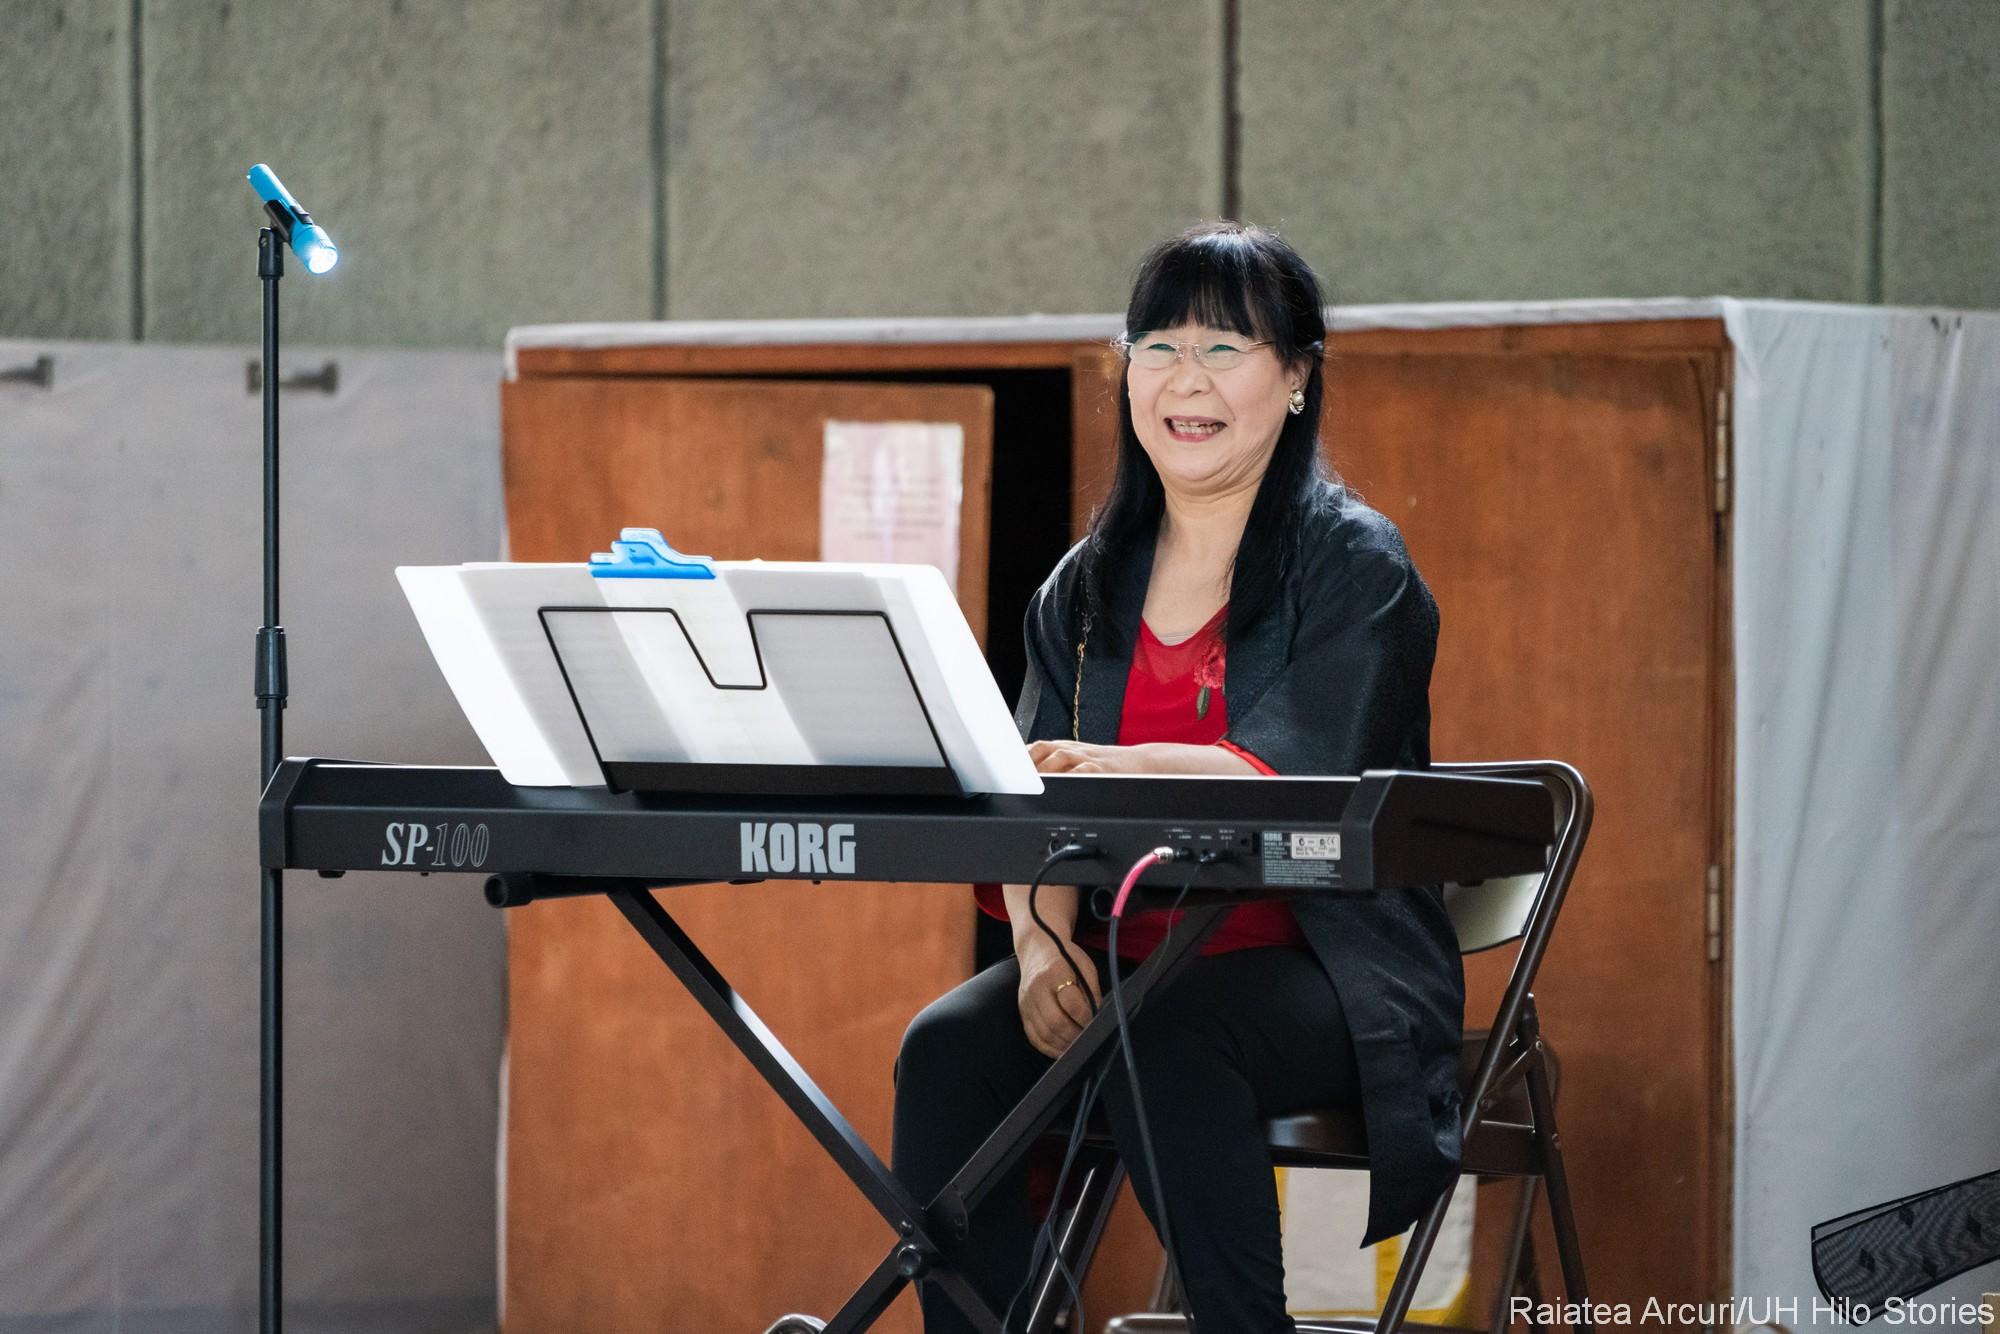 Natsuko Uchida on keyboard.